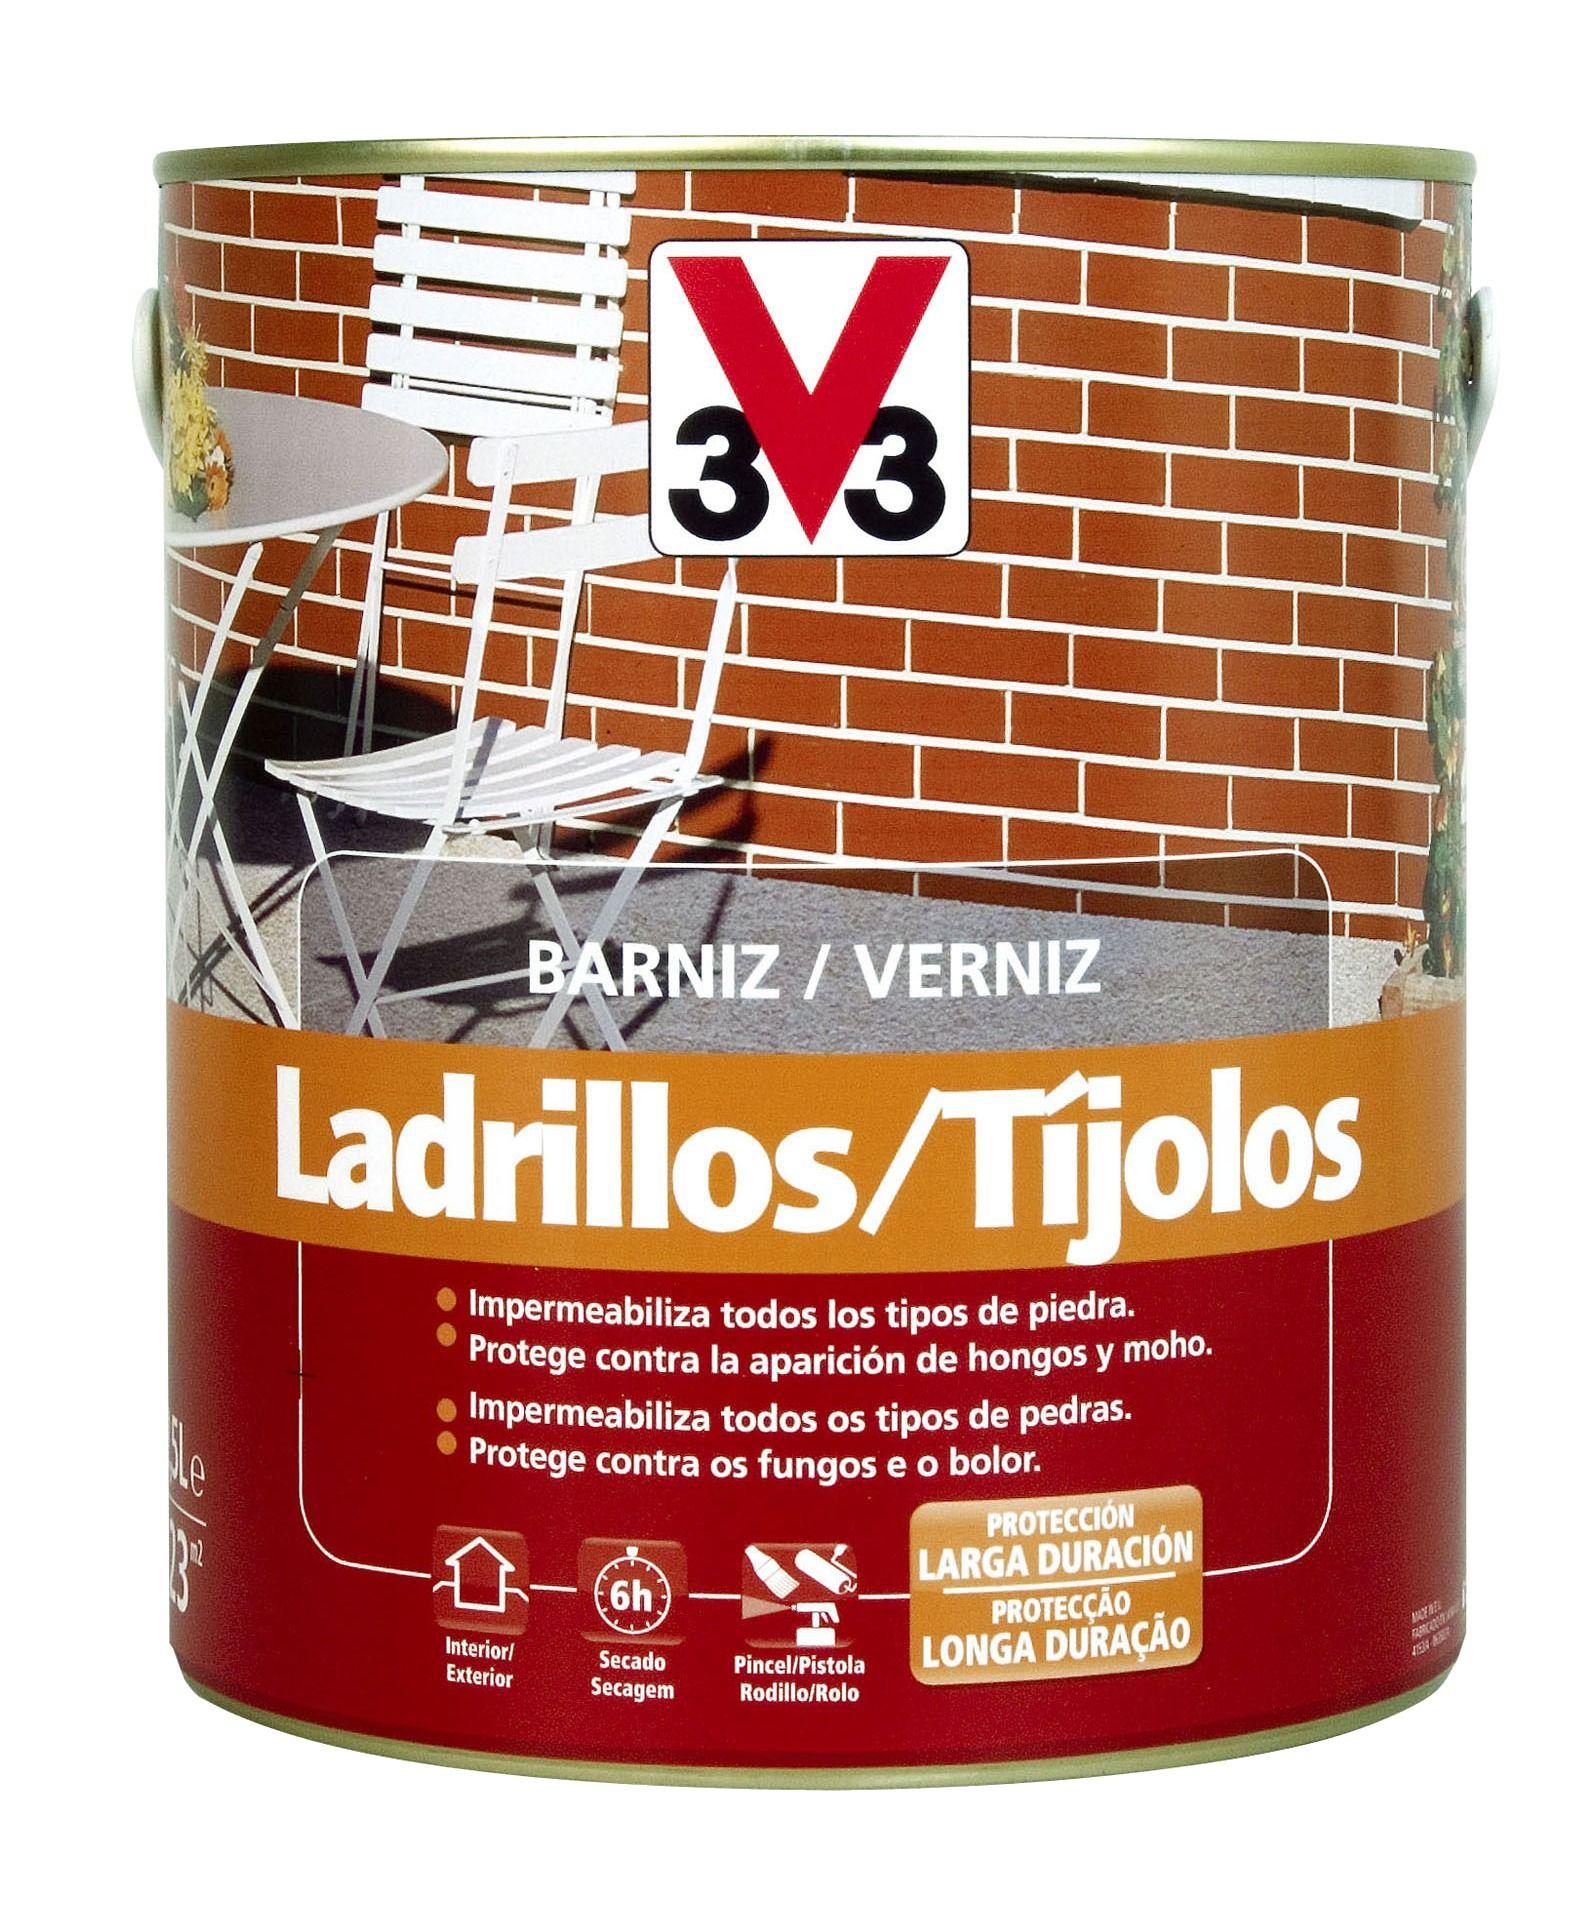 El Barniz Ladrillo V33 Está Specialmente Elaborado Para Ladrillos Y Piedras Ya Sean Naturales O Artificiales Aporta Ladrillo Y Piedra Barniz Ladrillos Vistos